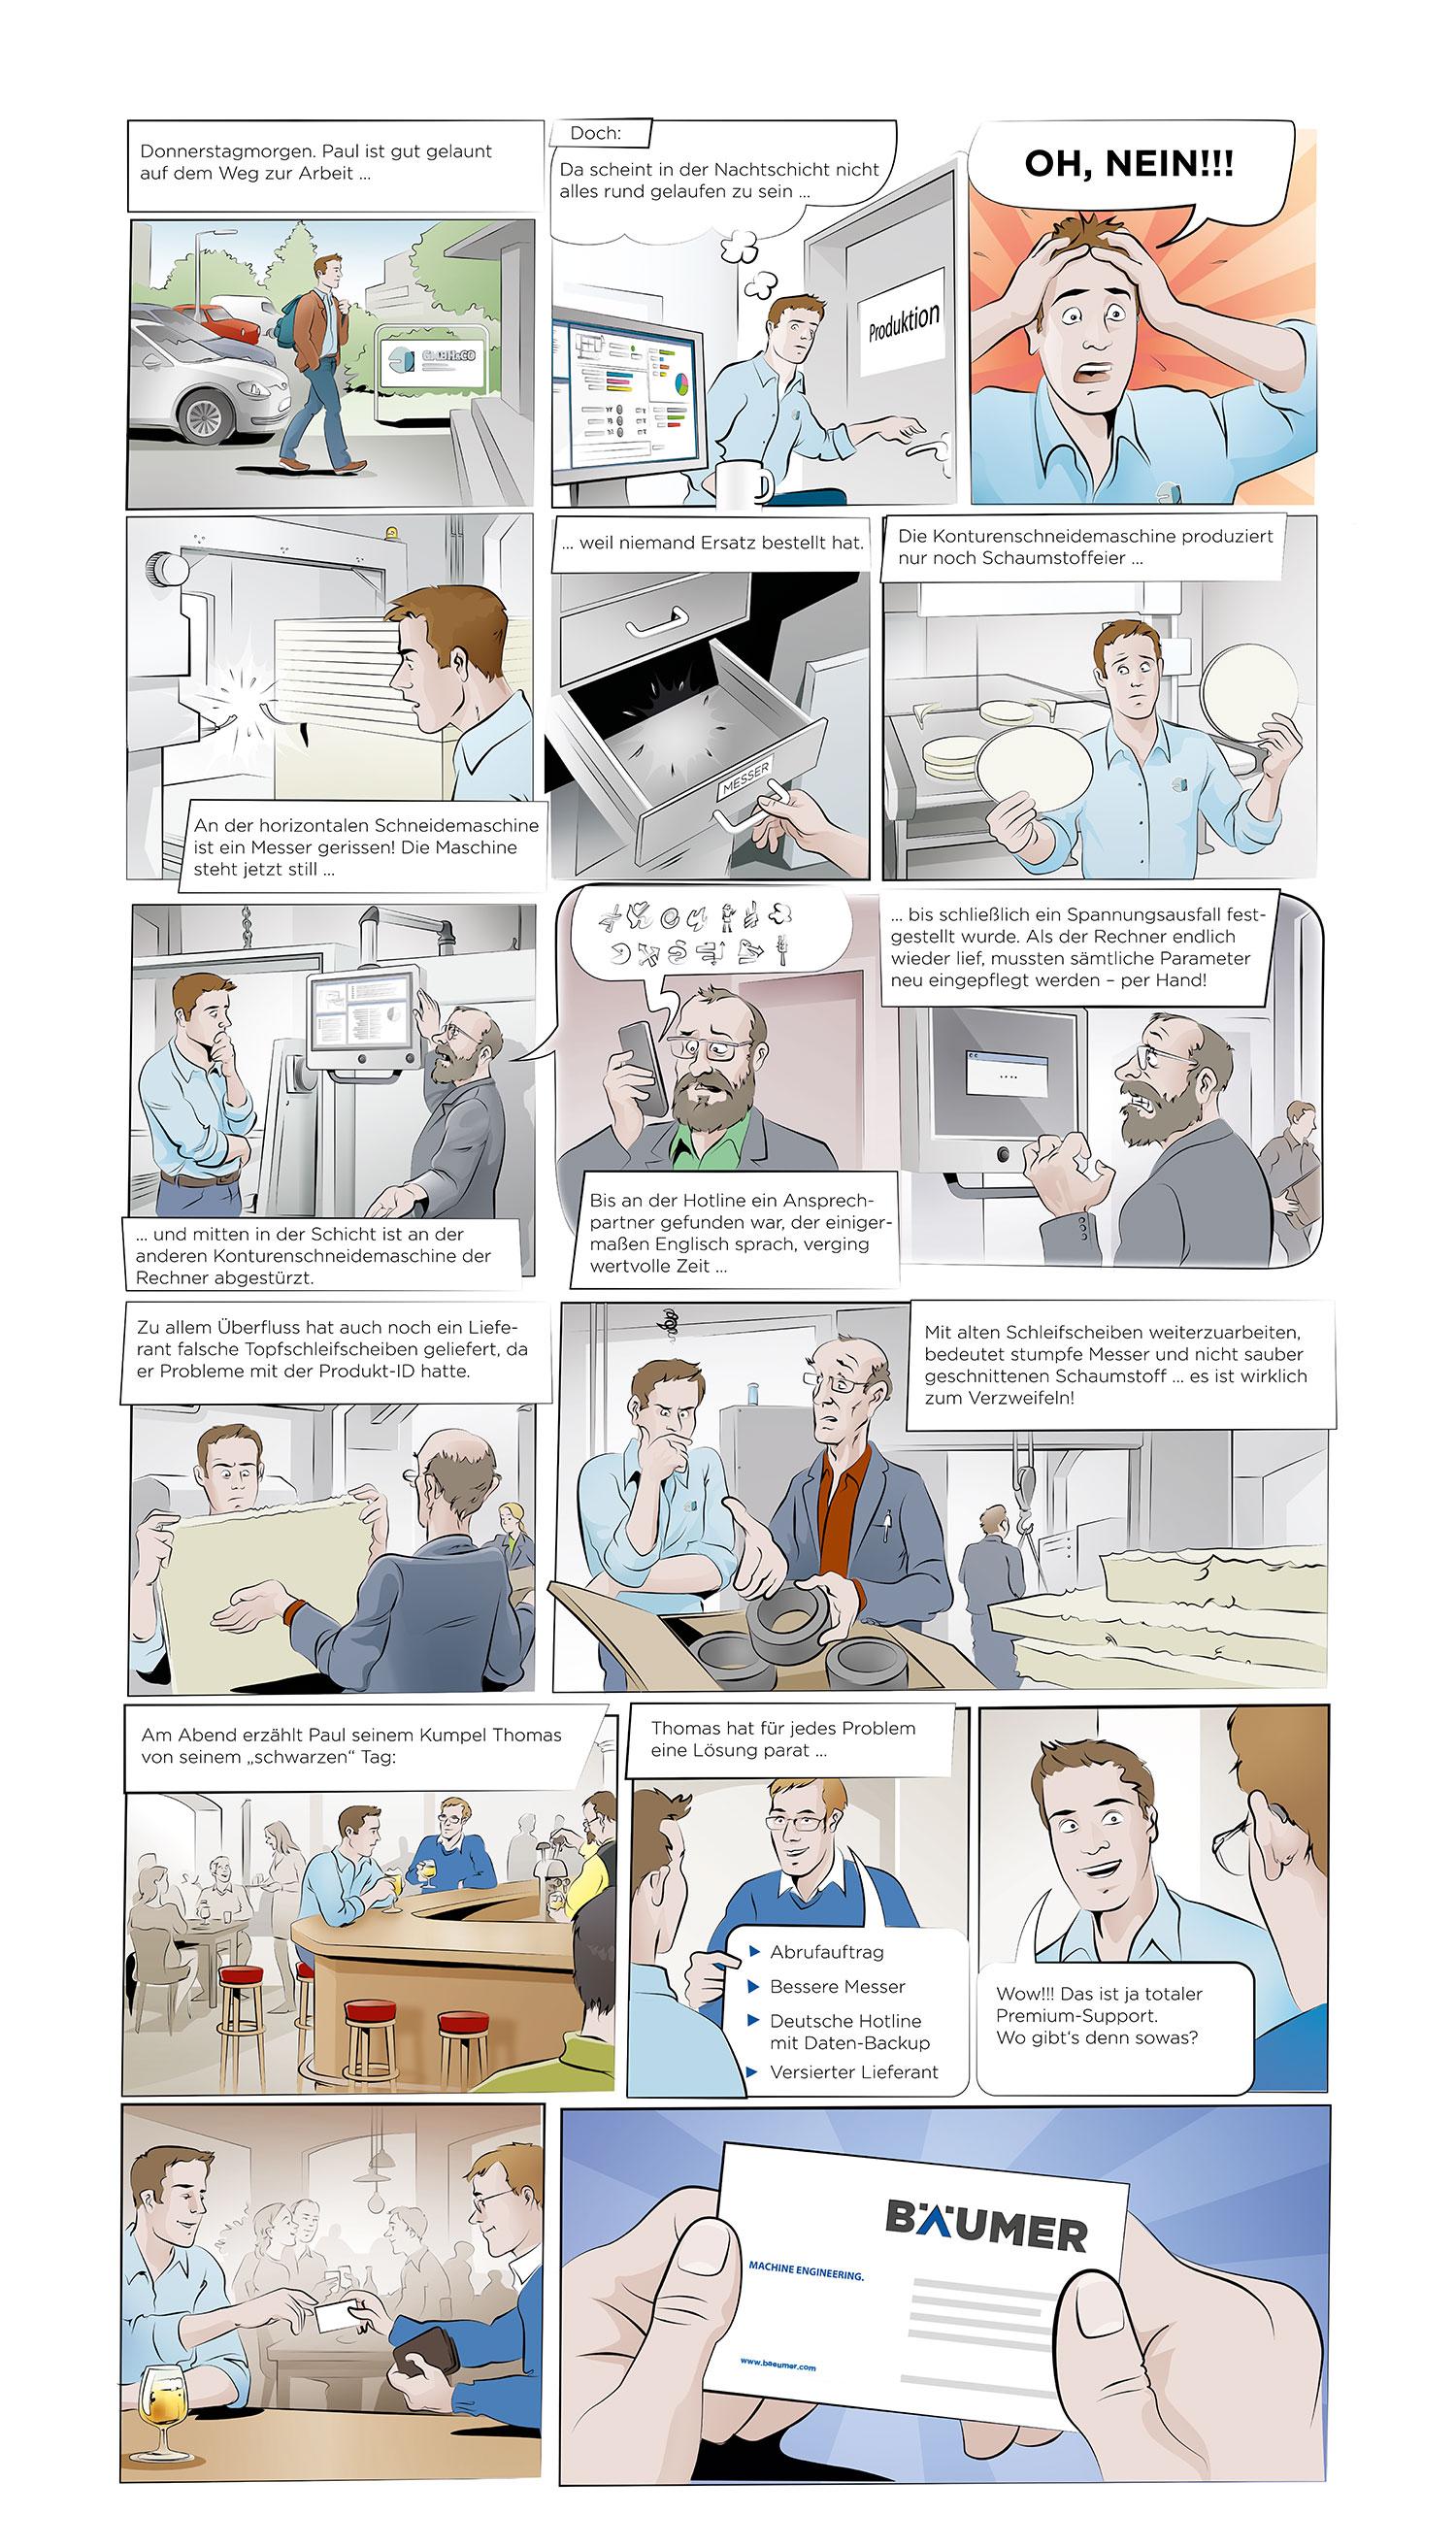 Landingpage zum Comic-Download (Quelle: Albrecht Bäumer GmbH & Co. KG)